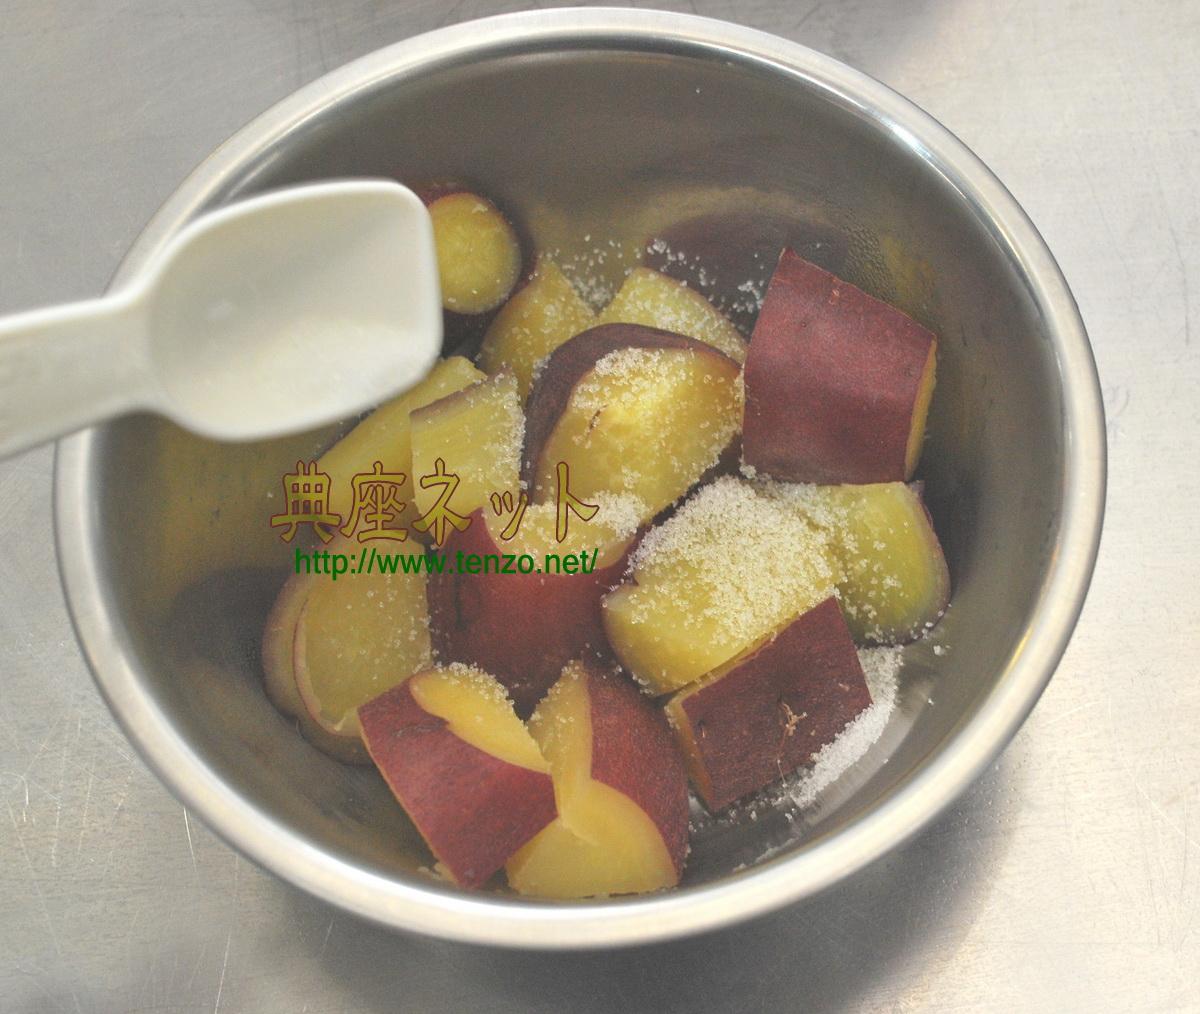 粉ふきさつまいも 精進料理手順 塩をふる